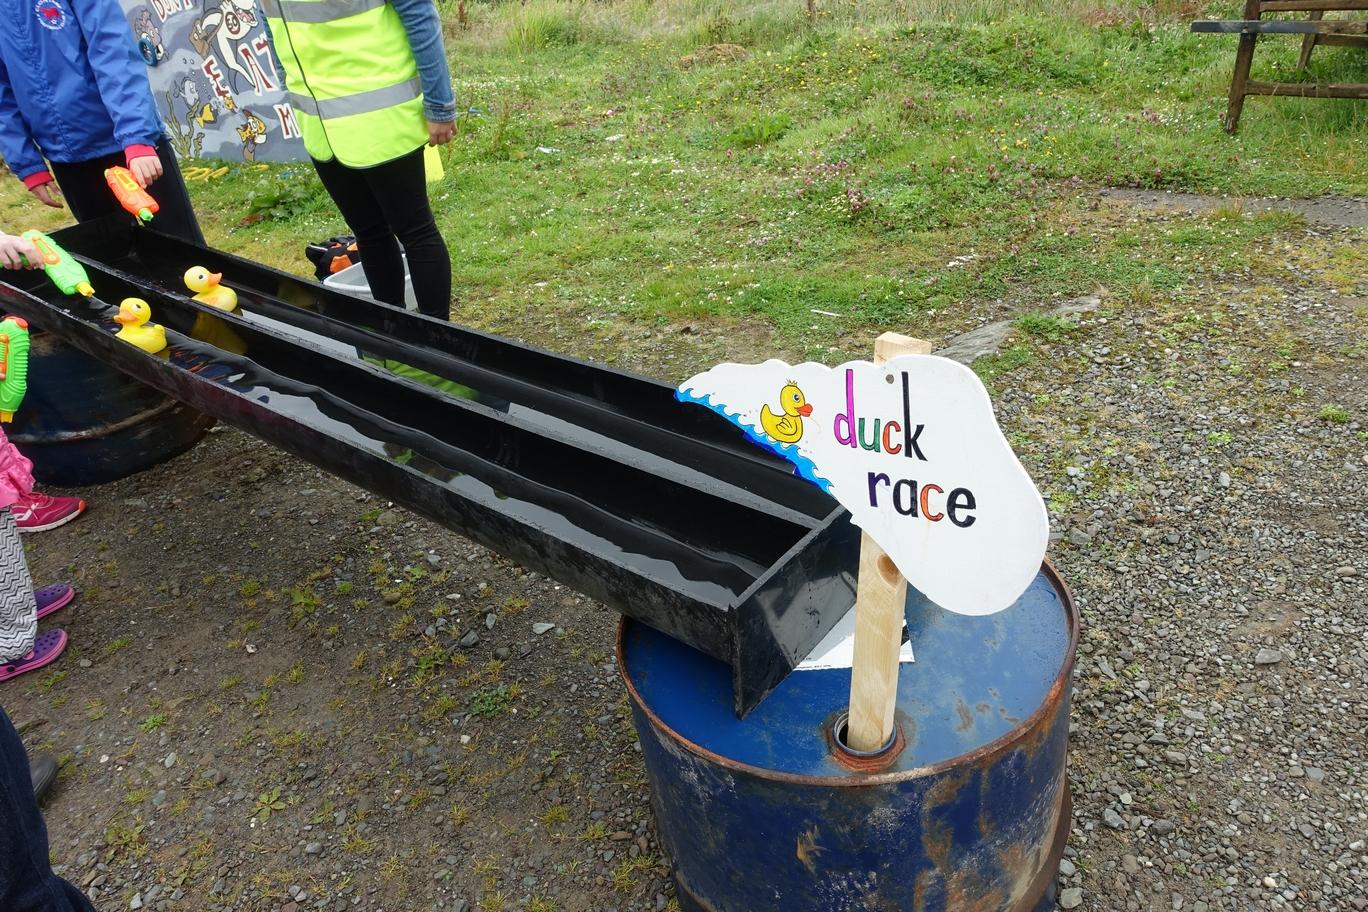 Duck Race met waterpistolen